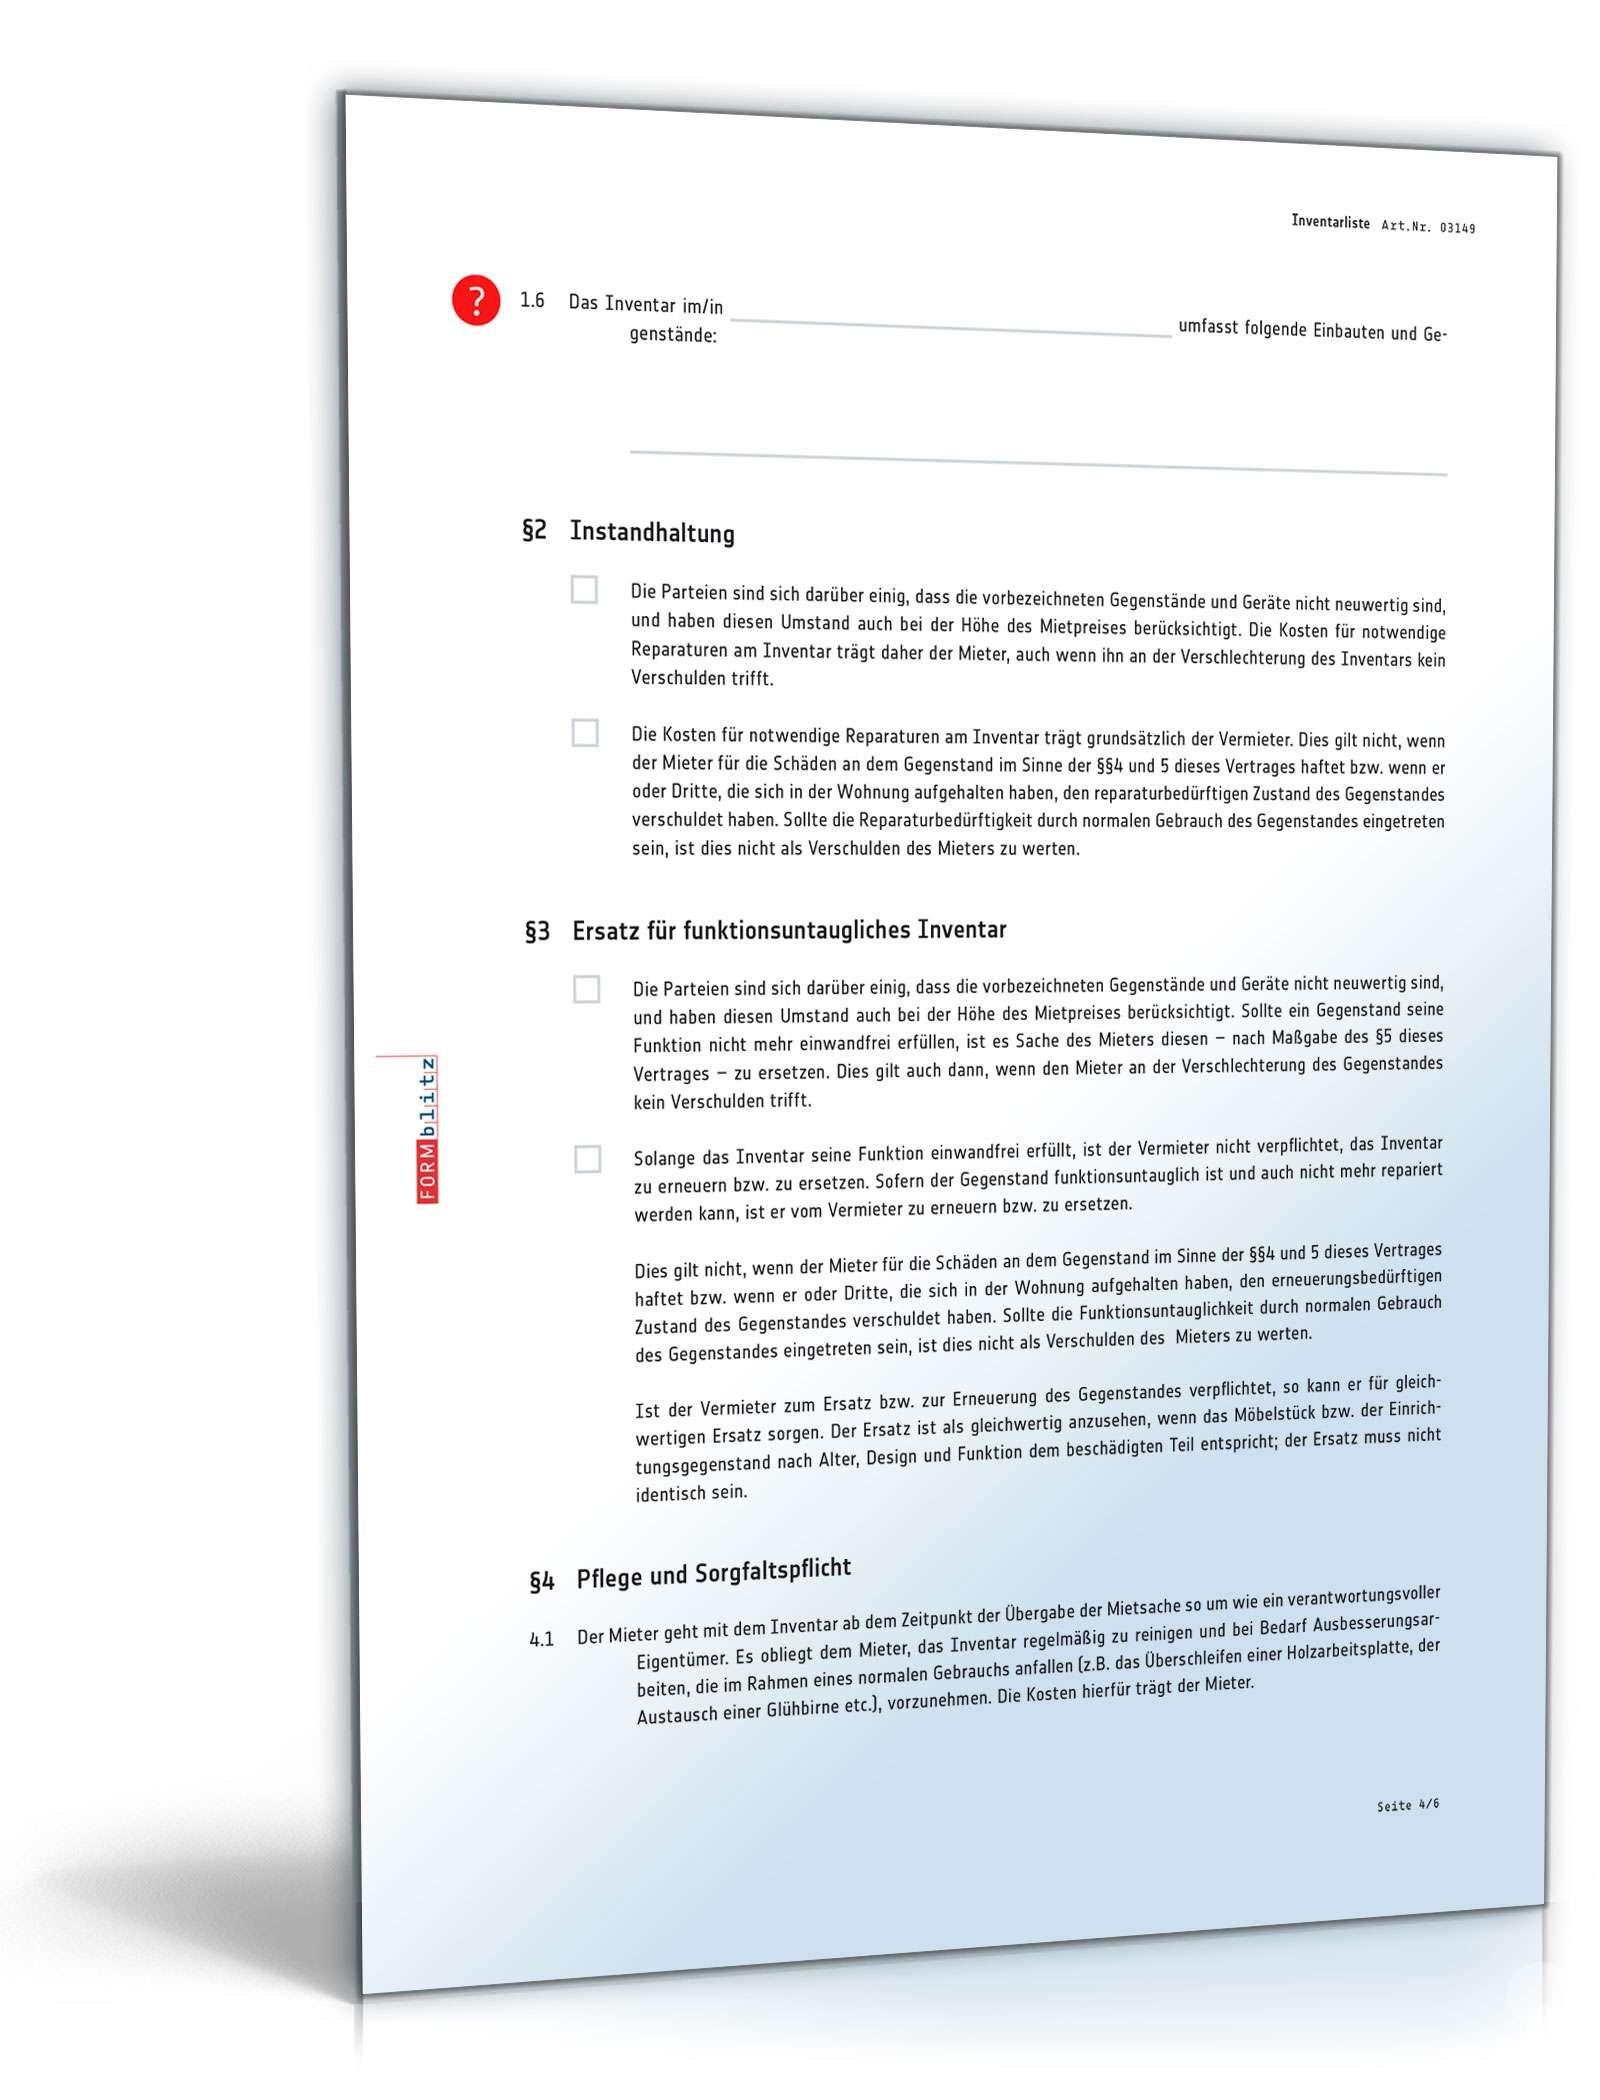 Mietvertrag-Anhang: Inventarliste - Checkliste zum Download